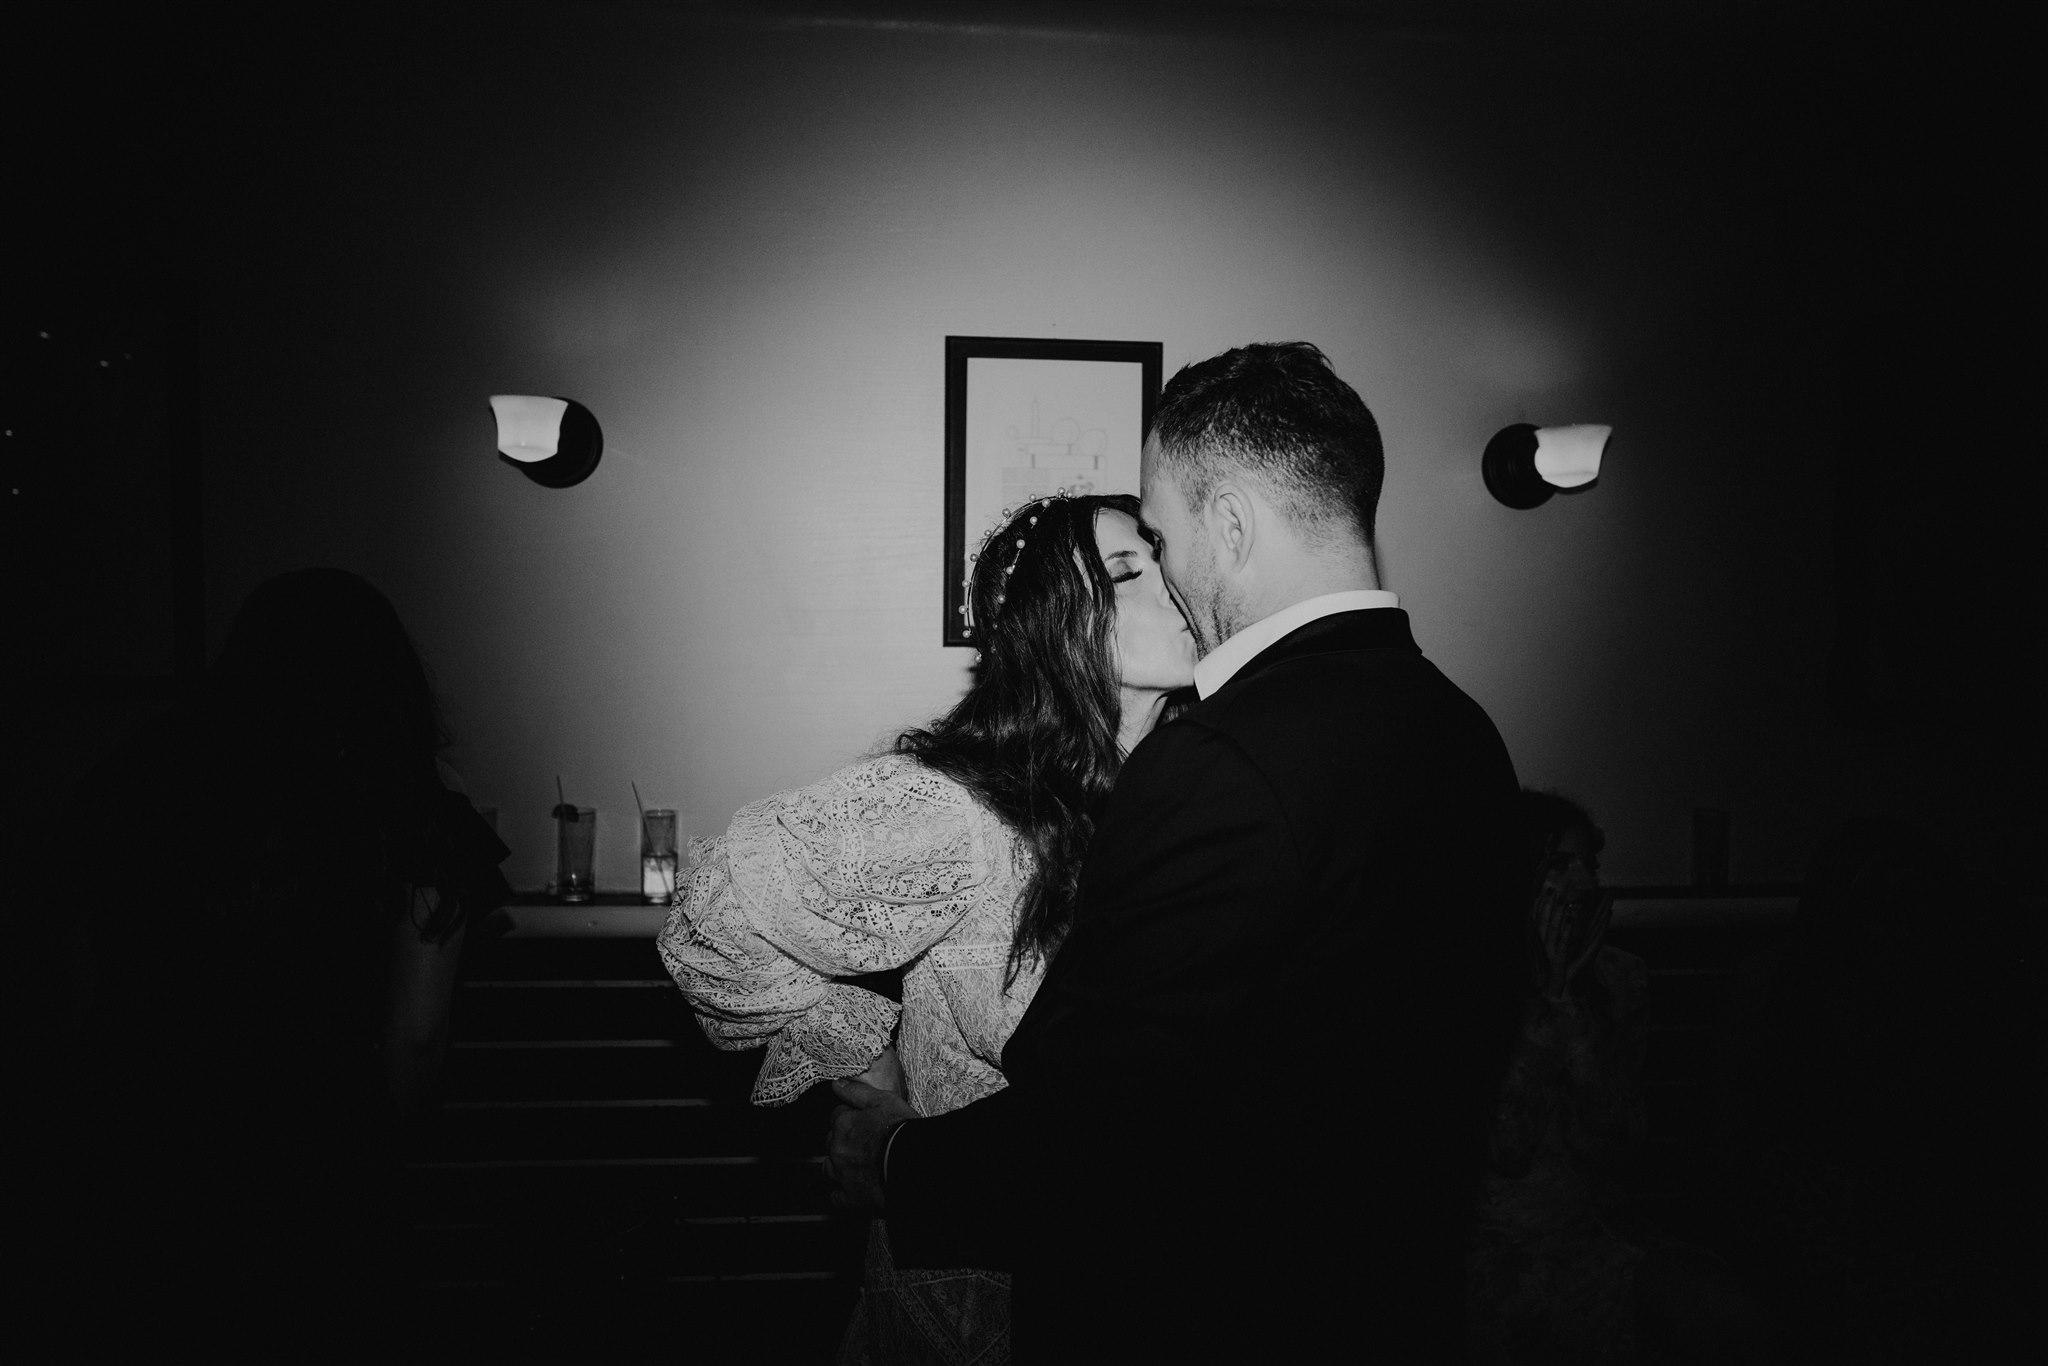 Chellise_Michael_Photography_Ramona_Brooklyn_Wedding_Photographer-956.jpg